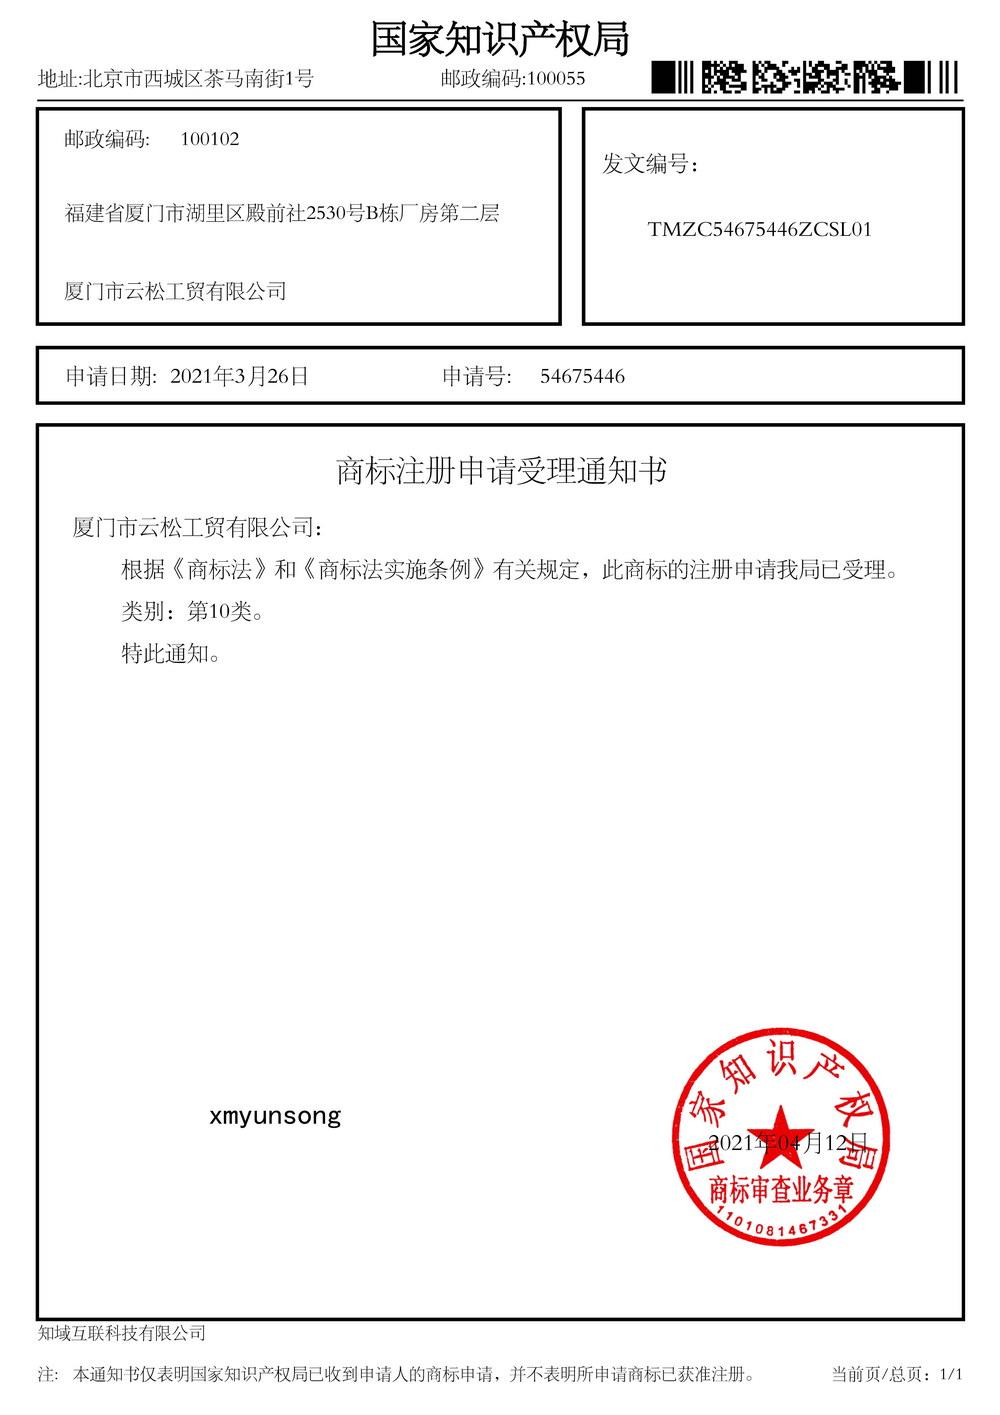 商标注册申请受理通知书10类xmyunsong-1000.jpg